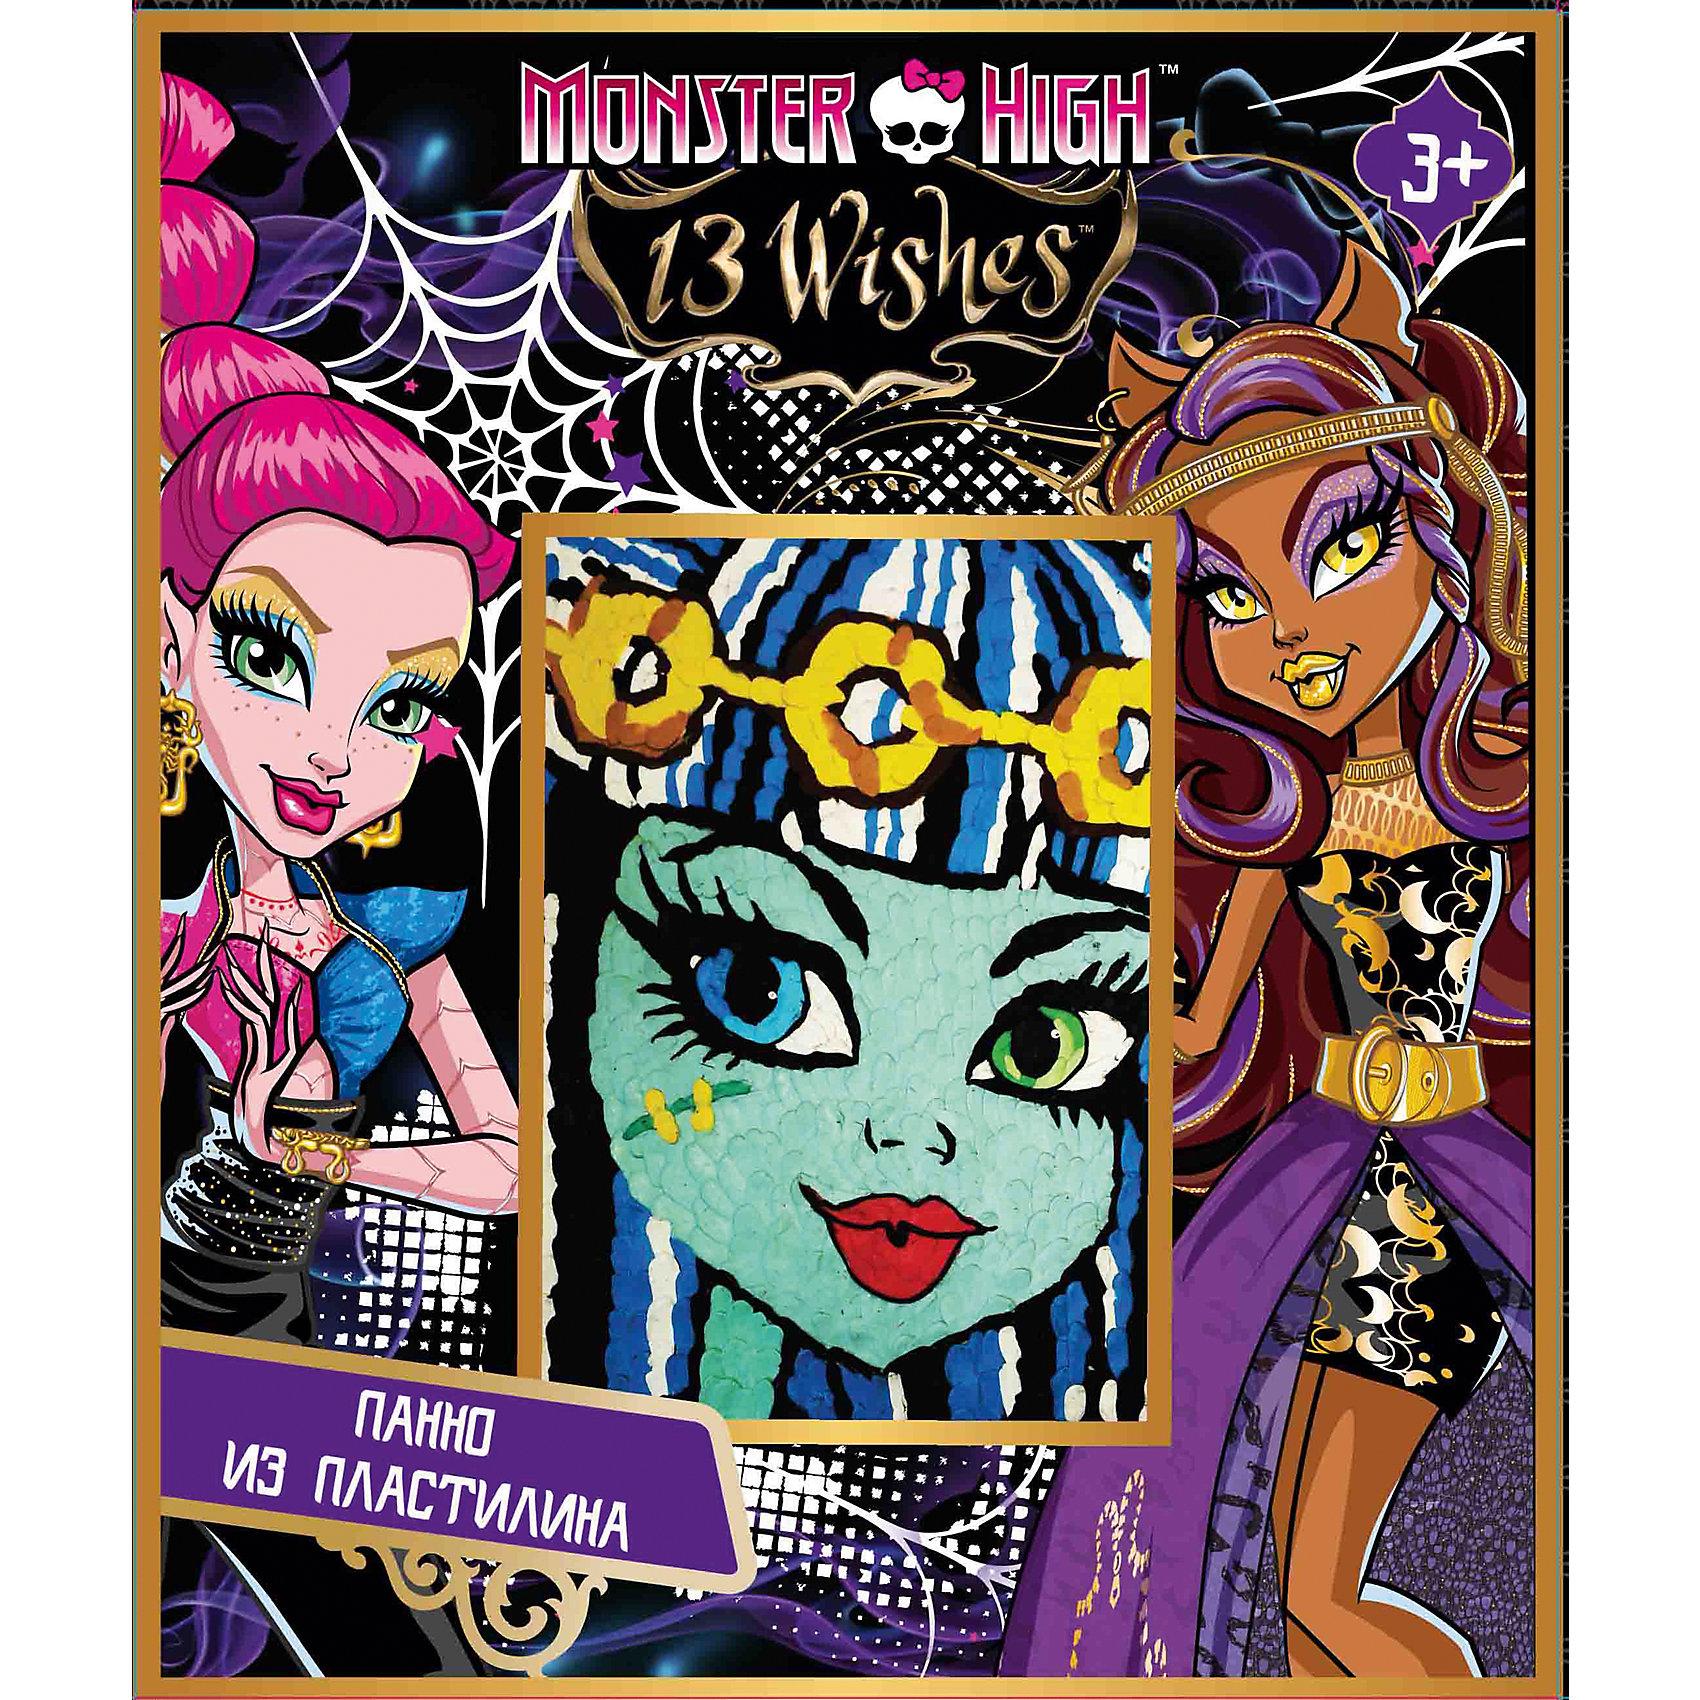 Панно из пластилина Monster HighПанно из пластилина Monster High (Монстр Хай) - увлекательный набор для детского творчества, который станет приятным сюрпризом для юной поклонницы популярного мультсериала Школа монстров. С помощью картинки-основы и пластилина разных цветов она сможет создать красочный портрет одной из героинь любимого мультфильма. Возьмите кусочек пластилина и придайте ему любую форму, затем аккуратно прилепите деталь на основу, размазав ее по контуру пальцами или стекой. Для получения нужного оттенка смешивайте пластилин разных цветов. Оригинальная картинка украсит комнату Вашей девочки или станет подарком, сделанным собственными руками для ее друзей и родственников. Набор способствует развитию мелкой моторики, творческой фантазии и воображения.<br><br>Дополнительная информация:<br><br>- В комплекте: пластилин 10 цветов, стек, картинка-основа. <br>- Размер упаковки: 5 ? 22,5 ? 18,5 см.<br>- Вес: 107 гр.<br><br>Панно из пластилина Monster High (Монстр Хай), Centrum, можно купить в нашем интернет-магазине.<br><br>Ширина мм: 50<br>Глубина мм: 185<br>Высота мм: 225<br>Вес г: 300<br>Возраст от месяцев: 36<br>Возраст до месяцев: 120<br>Пол: Женский<br>Возраст: Детский<br>SKU: 4356958